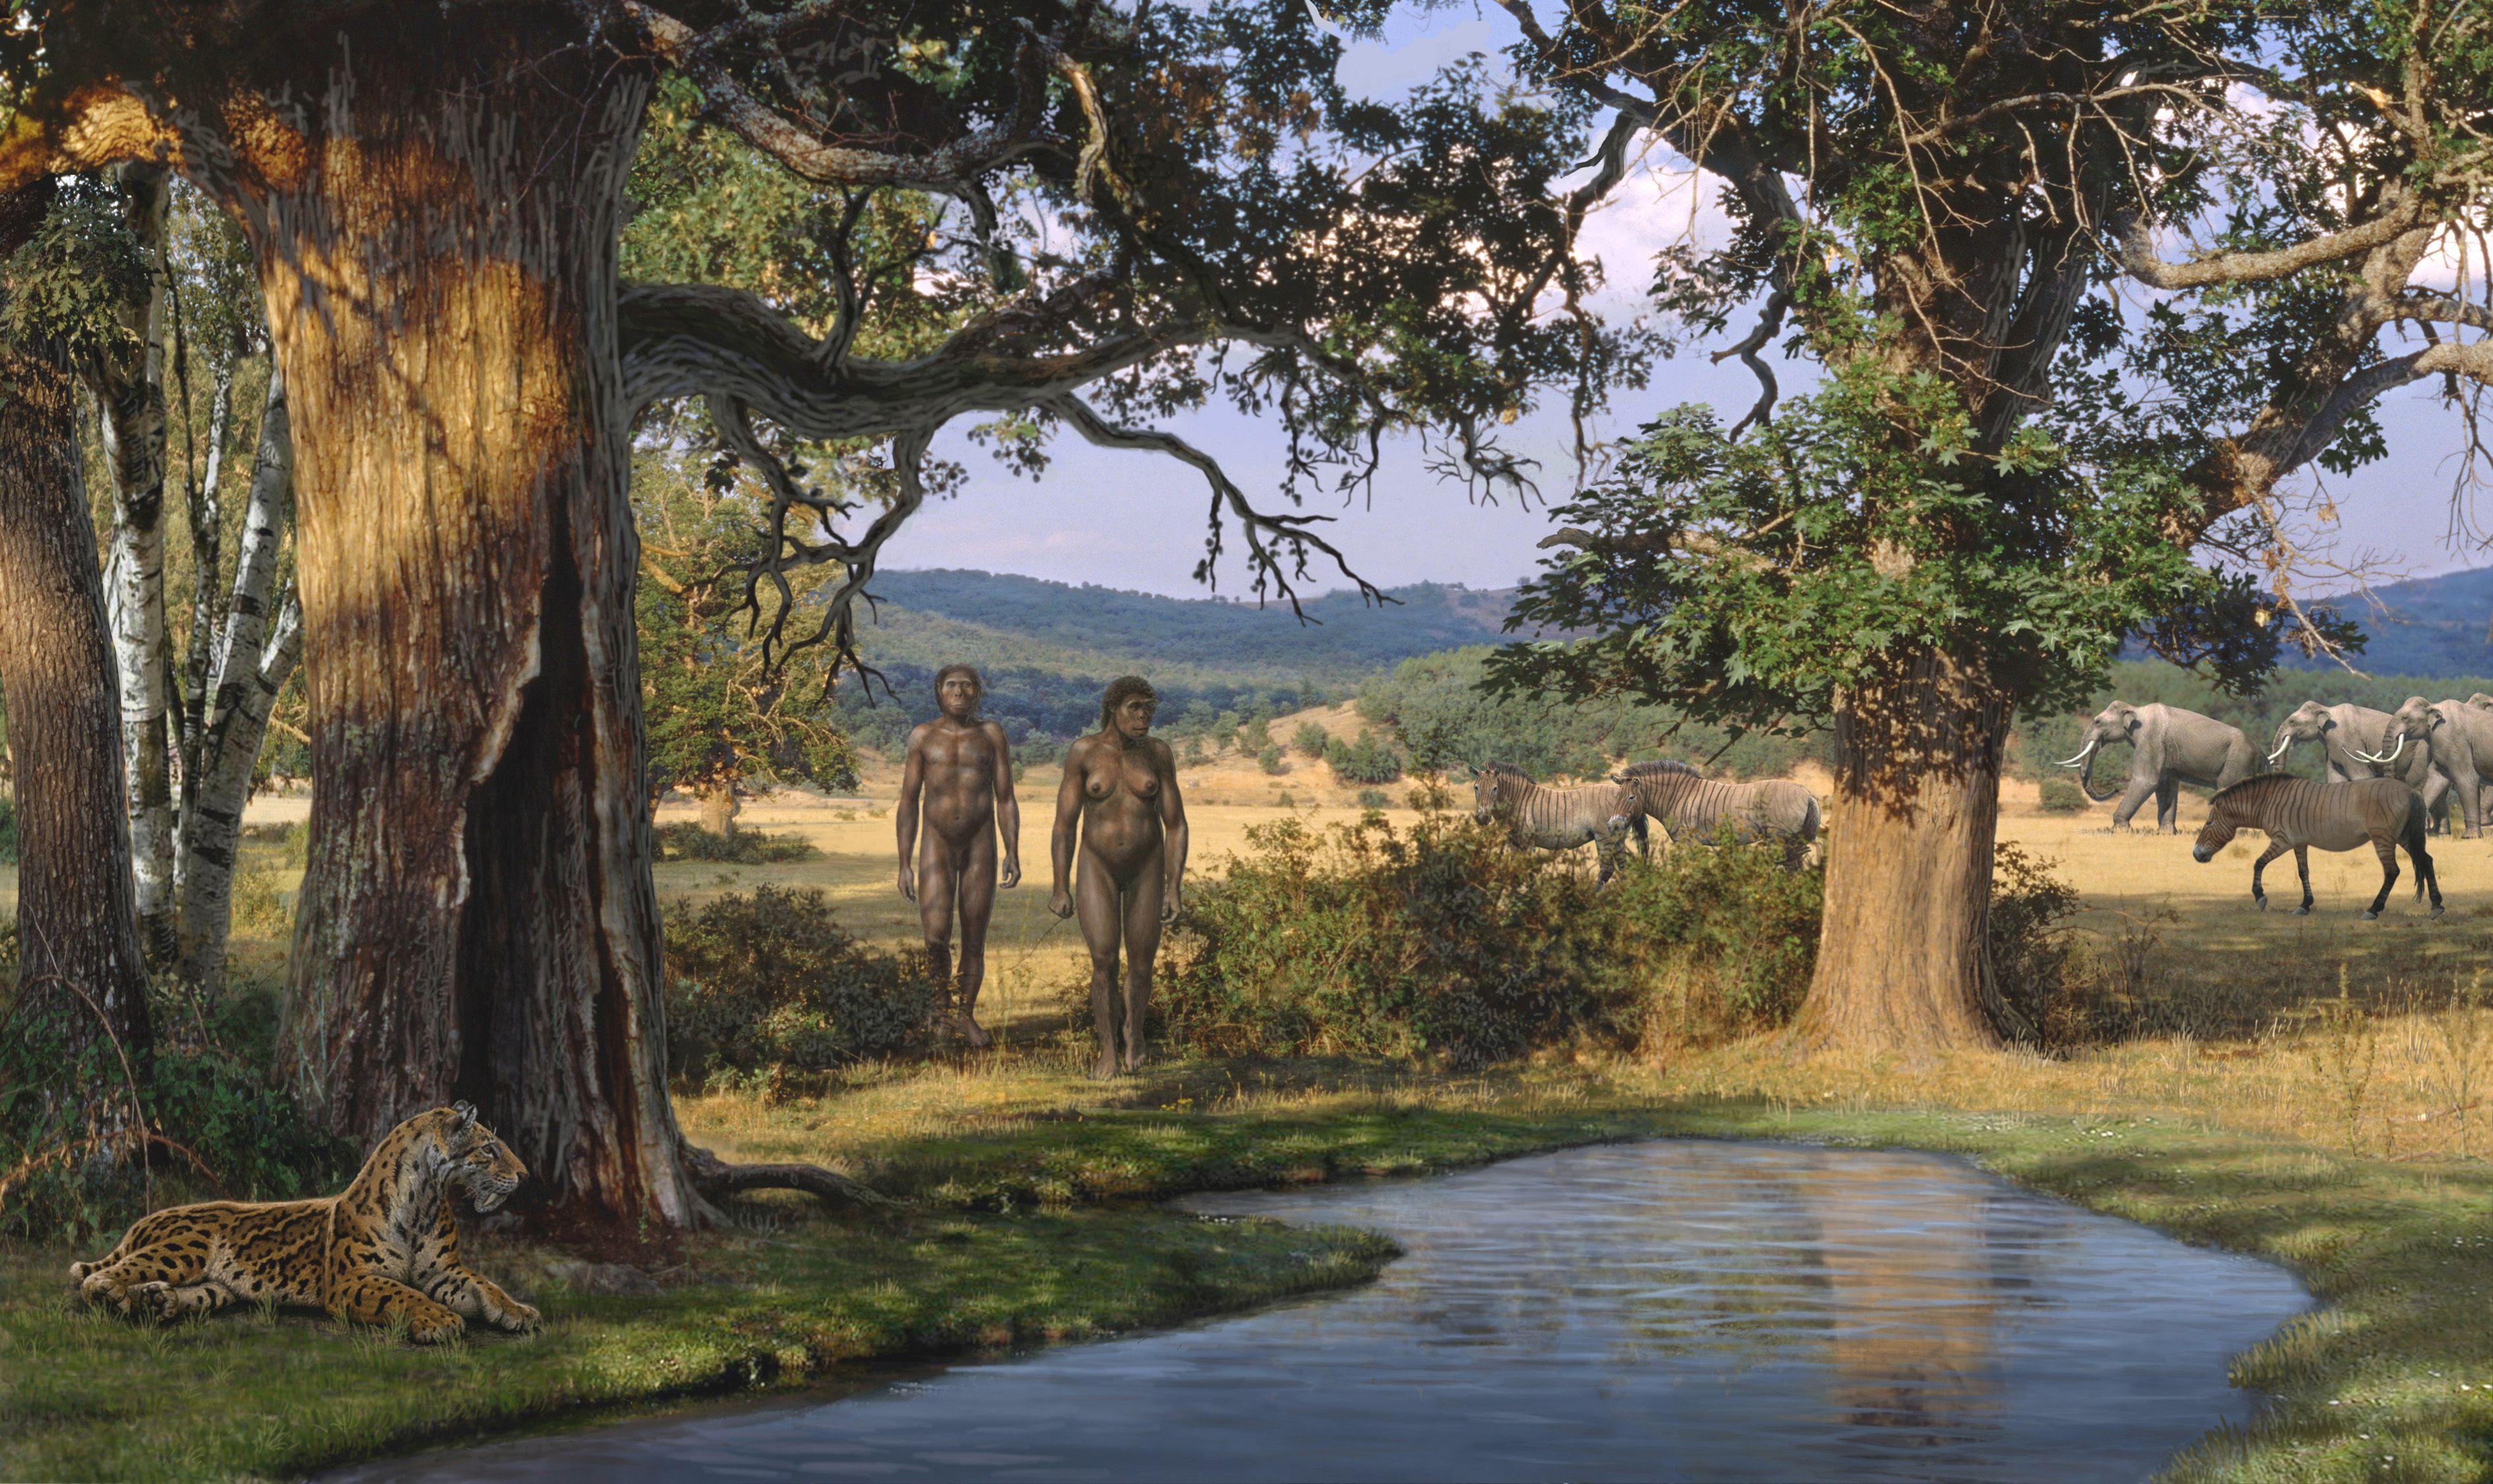 Los primeros habitantes del continente europeo, hace 1.5 millones de años, buscaban zonas con mucha vegetación para sobrevivir